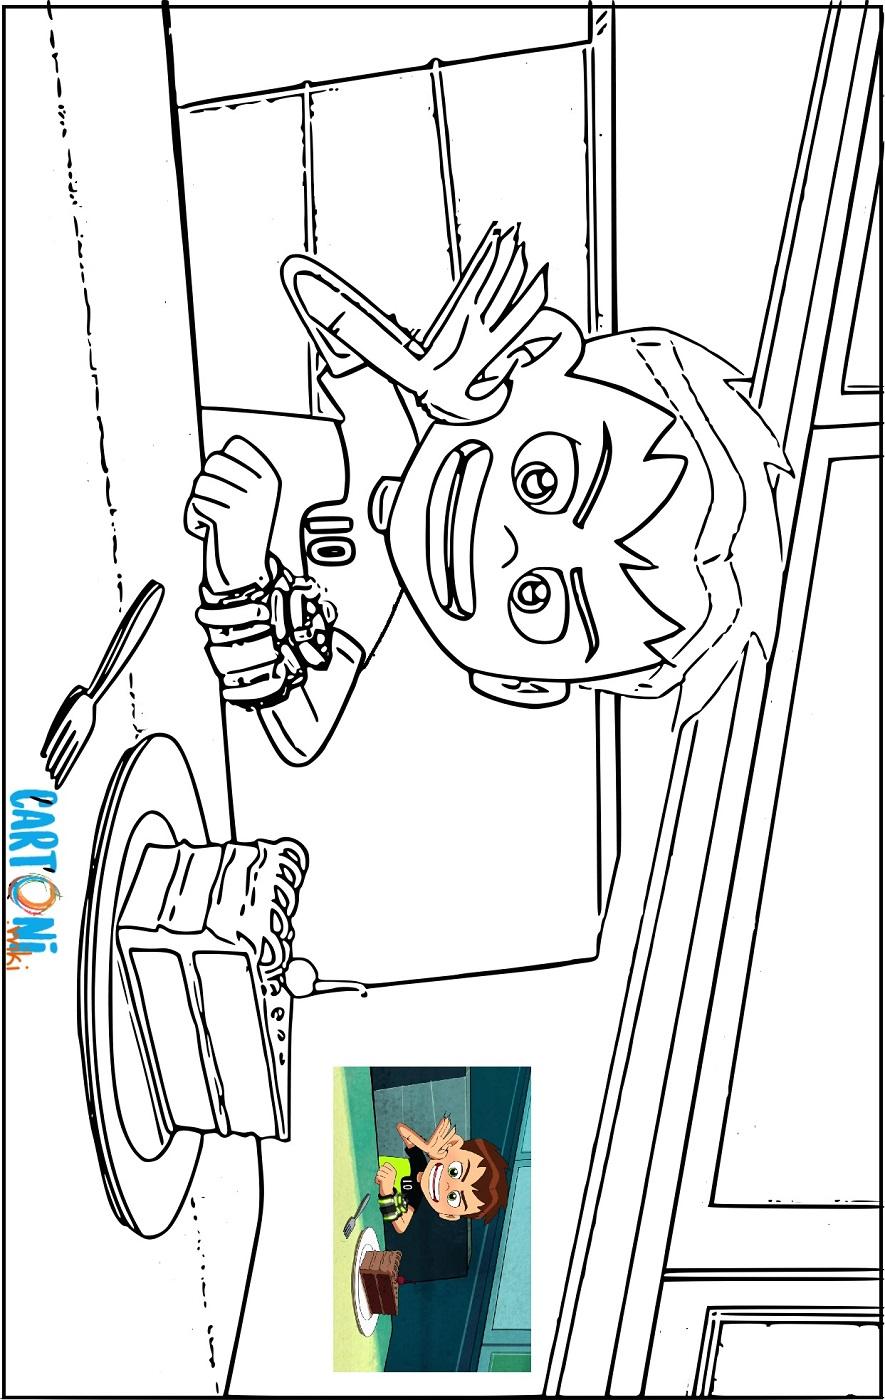 Disegno di ben 10 da stampare cartoni animati - Disegno finestra da colorare ...